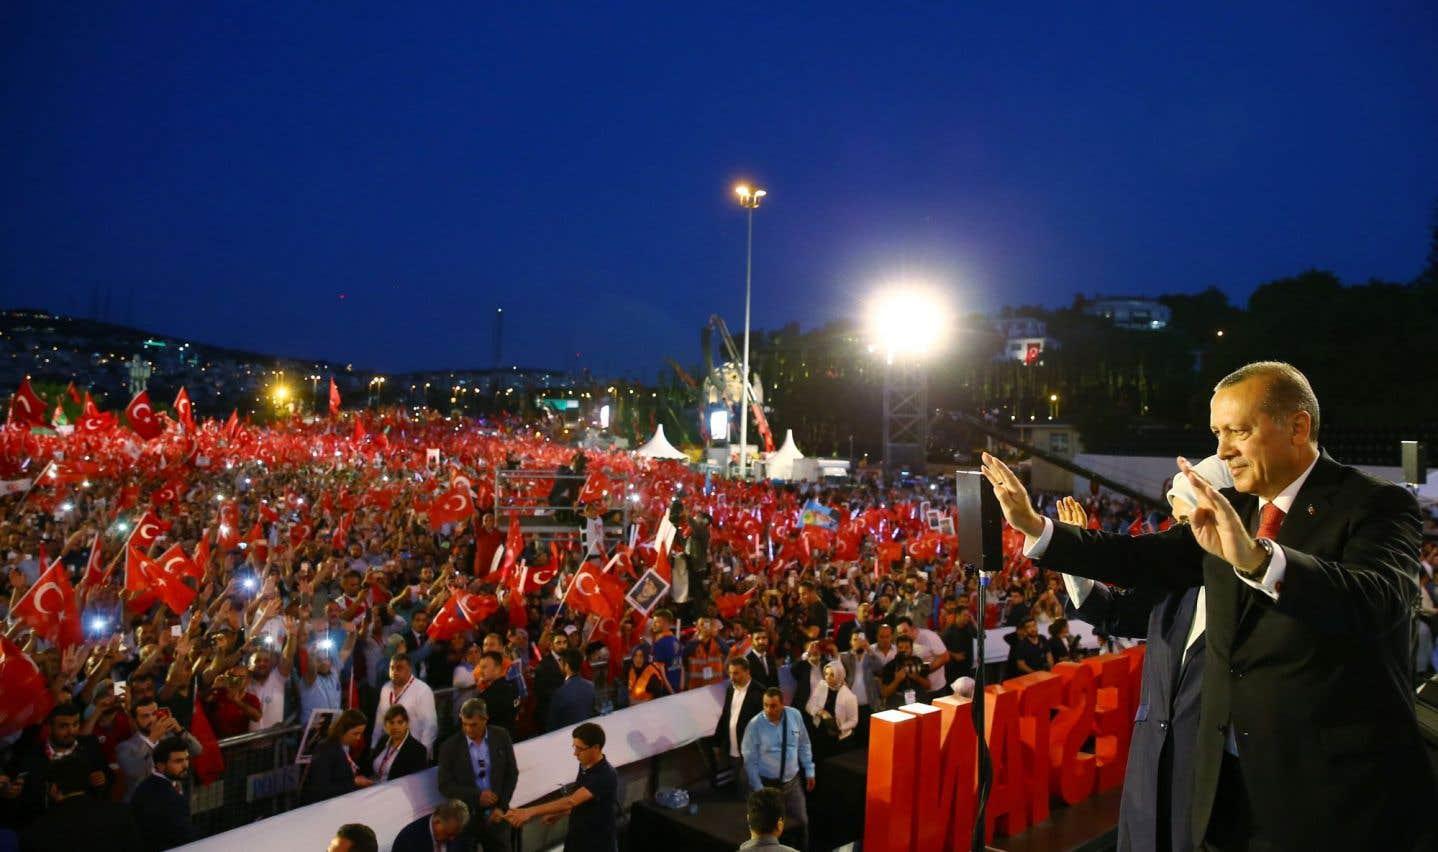 Le président turc inaugurait samedi soir à Istanbul un monument en hommage aux 249 personnes tuées la nuit du putsch manqué.